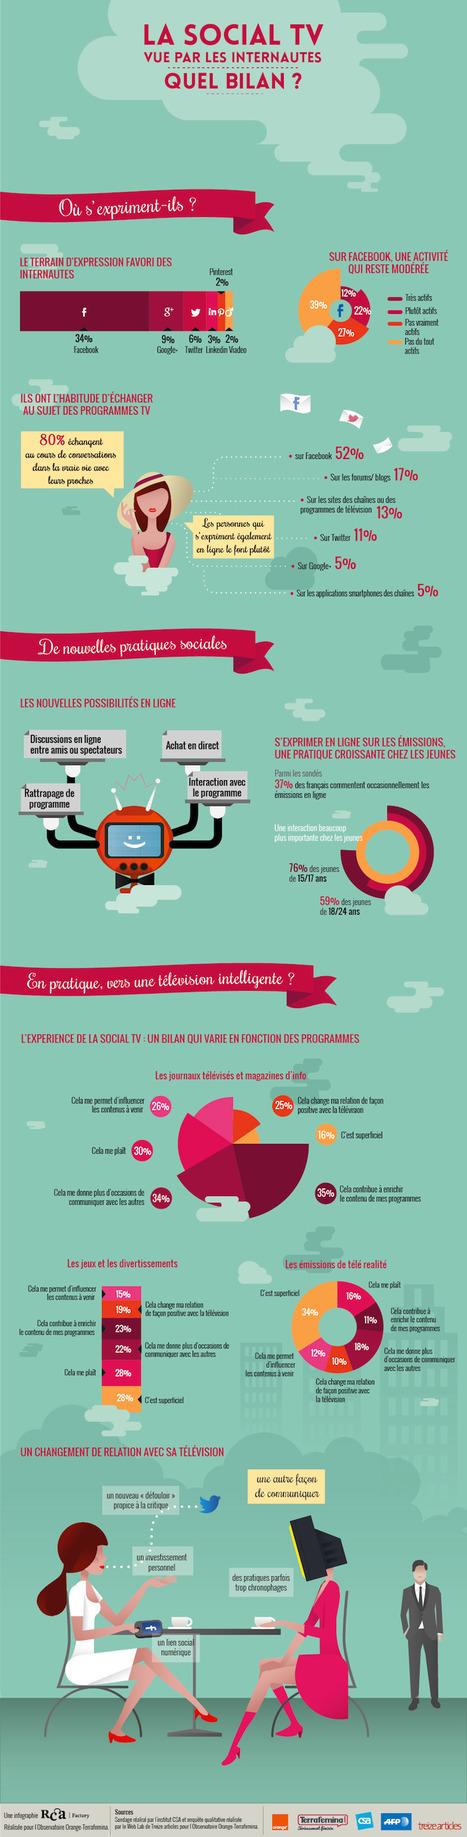 [Infographie] Social TV: plus de 75% des jeunes commentent les programmes en ligne | Infographies social media | Scoop.it